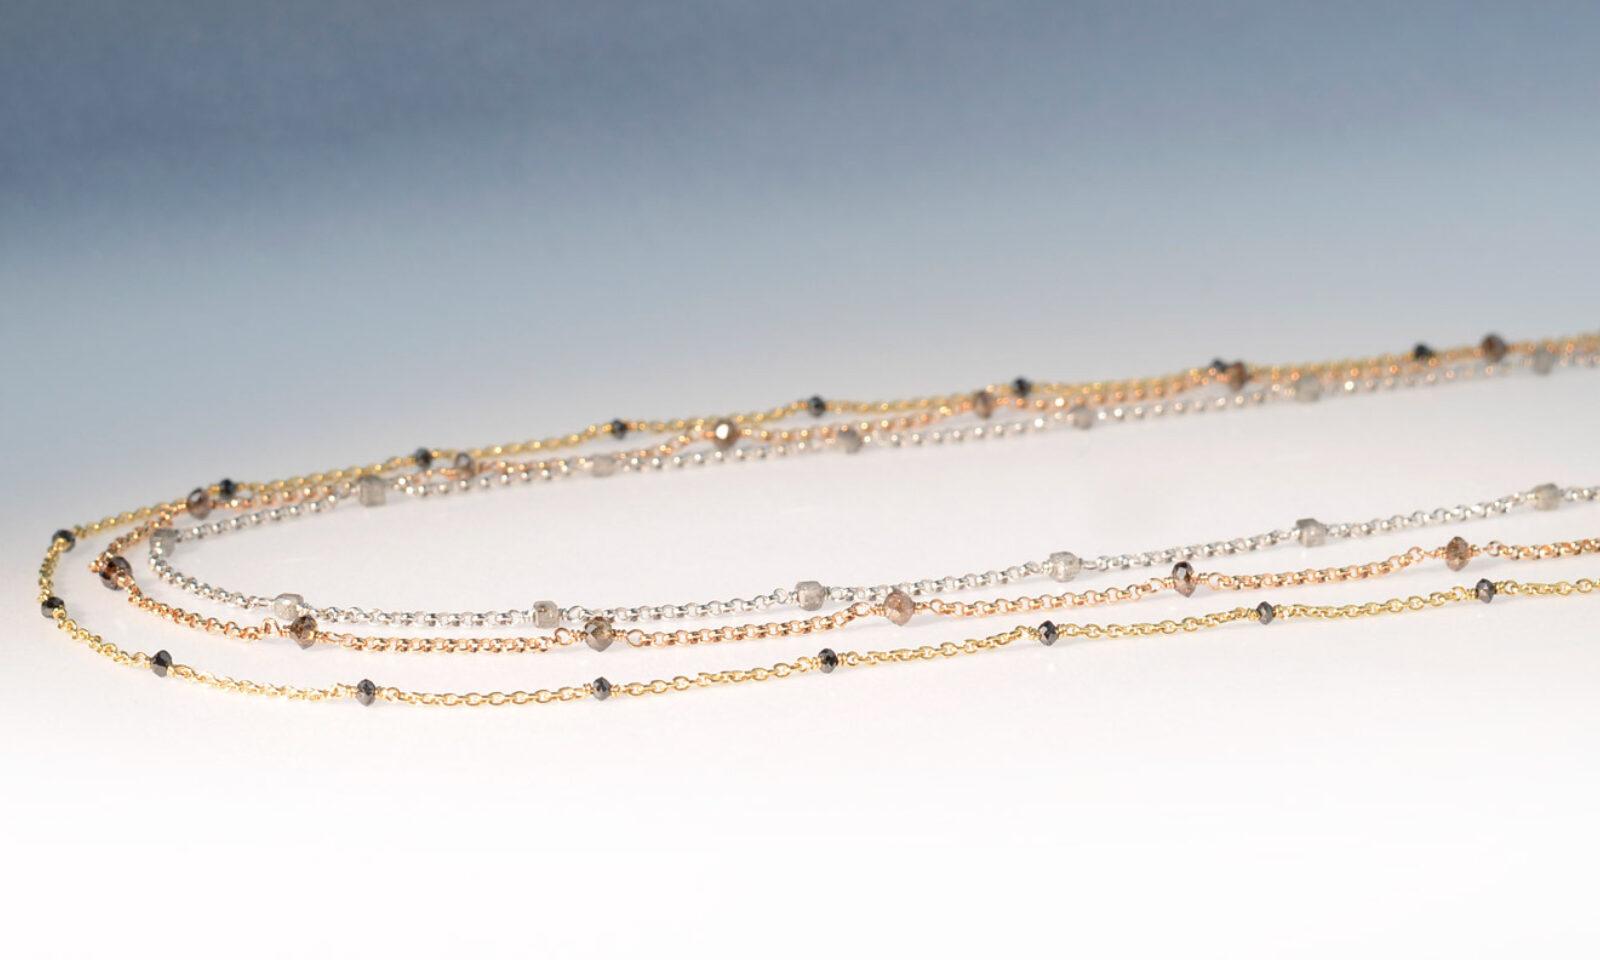 Diamkette weiss rot gelb. Kette Gelbgold 750 mit schwarzen Diamanten, CHF 1500.- / Rotgold 750 mit braunen Diamanten, CHF 1800.- / Weissgold 750 mit grauen Diamanten, CHF 1850.-